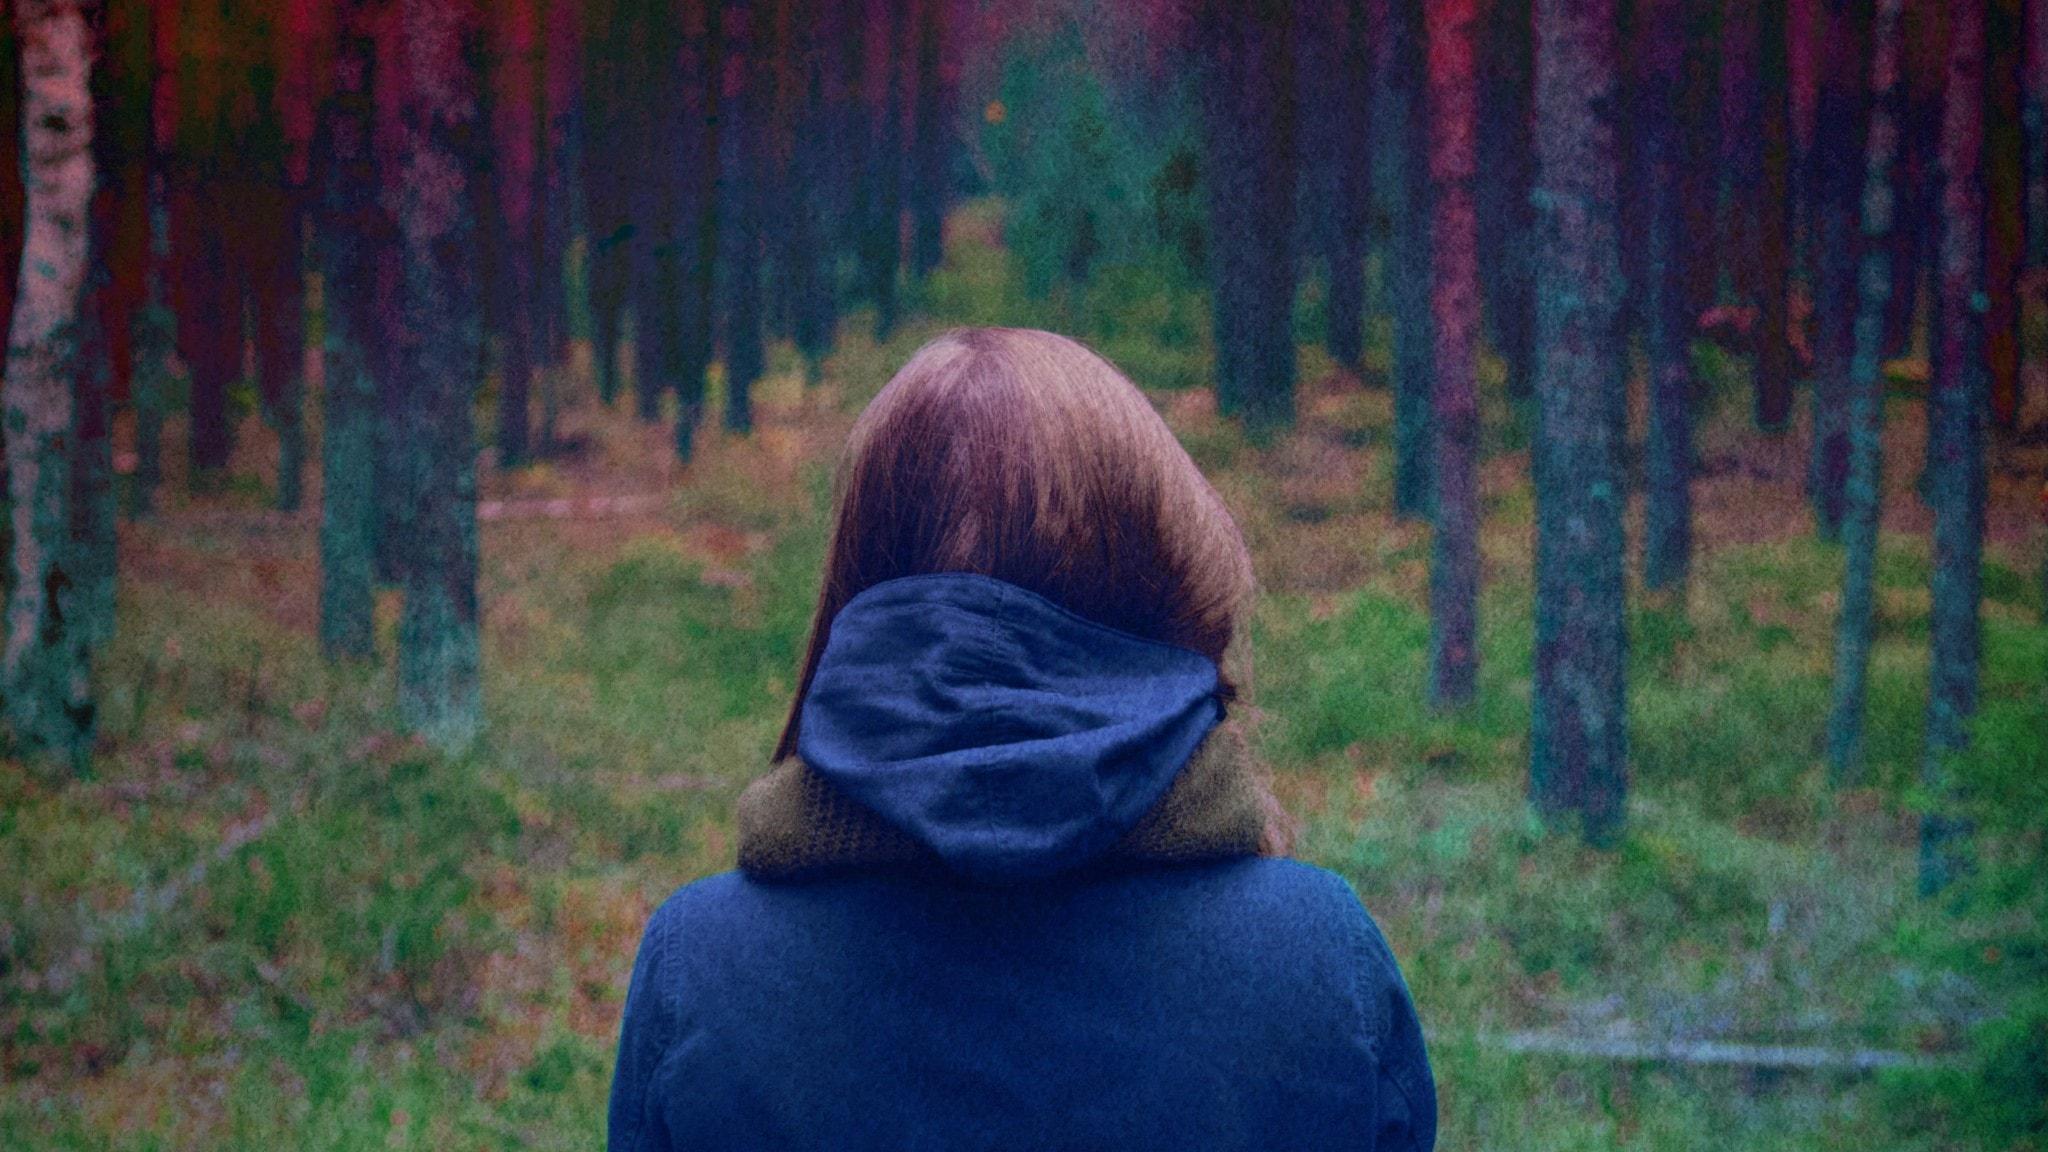 En flicka med rött hår står med ryggen mot kameran i en skog.